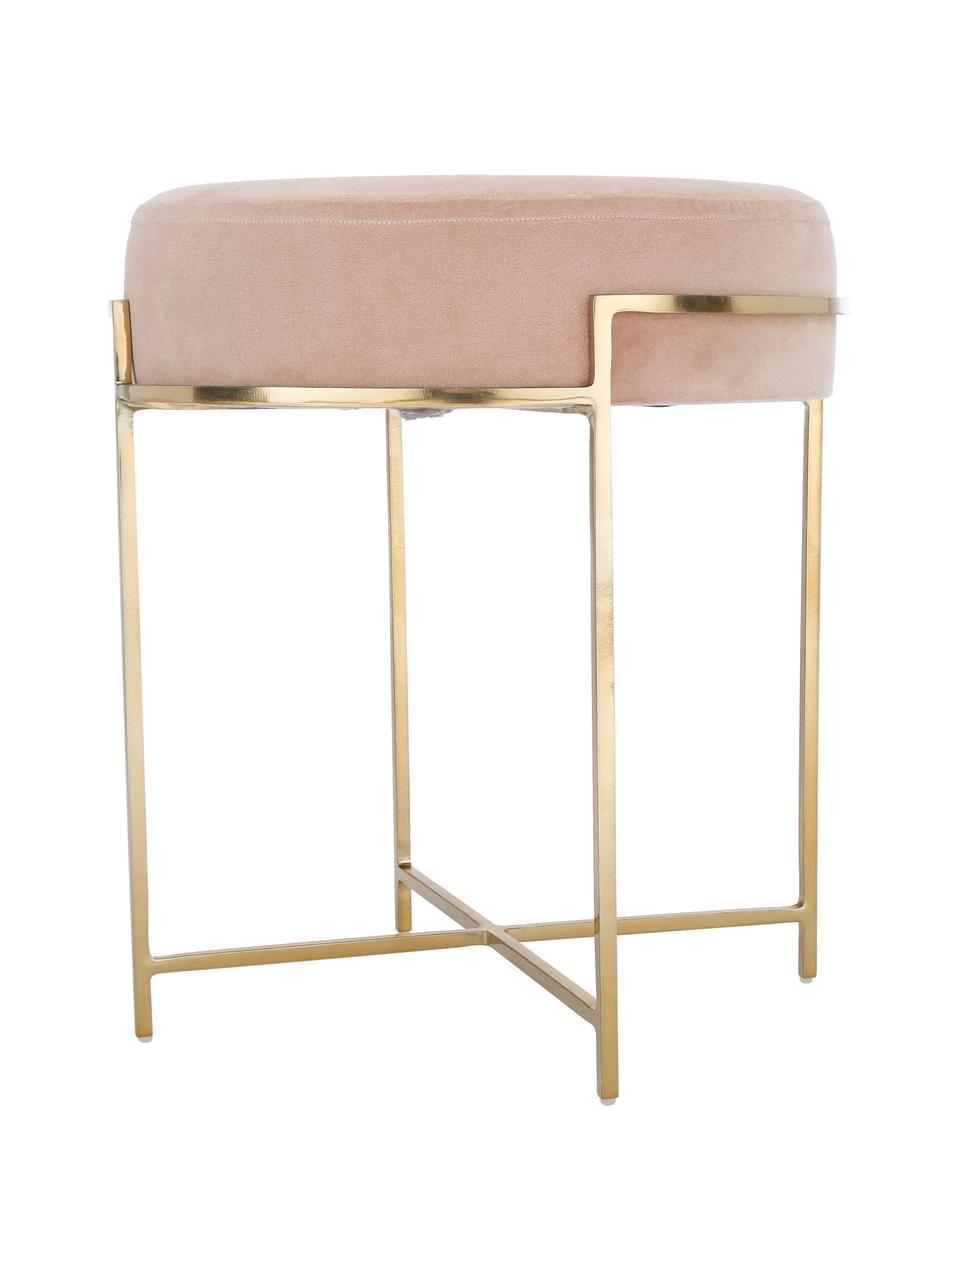 Tabouret en velours avec structure en métal Madeleine, Revêtement: rose pied: couleur dorée, mat